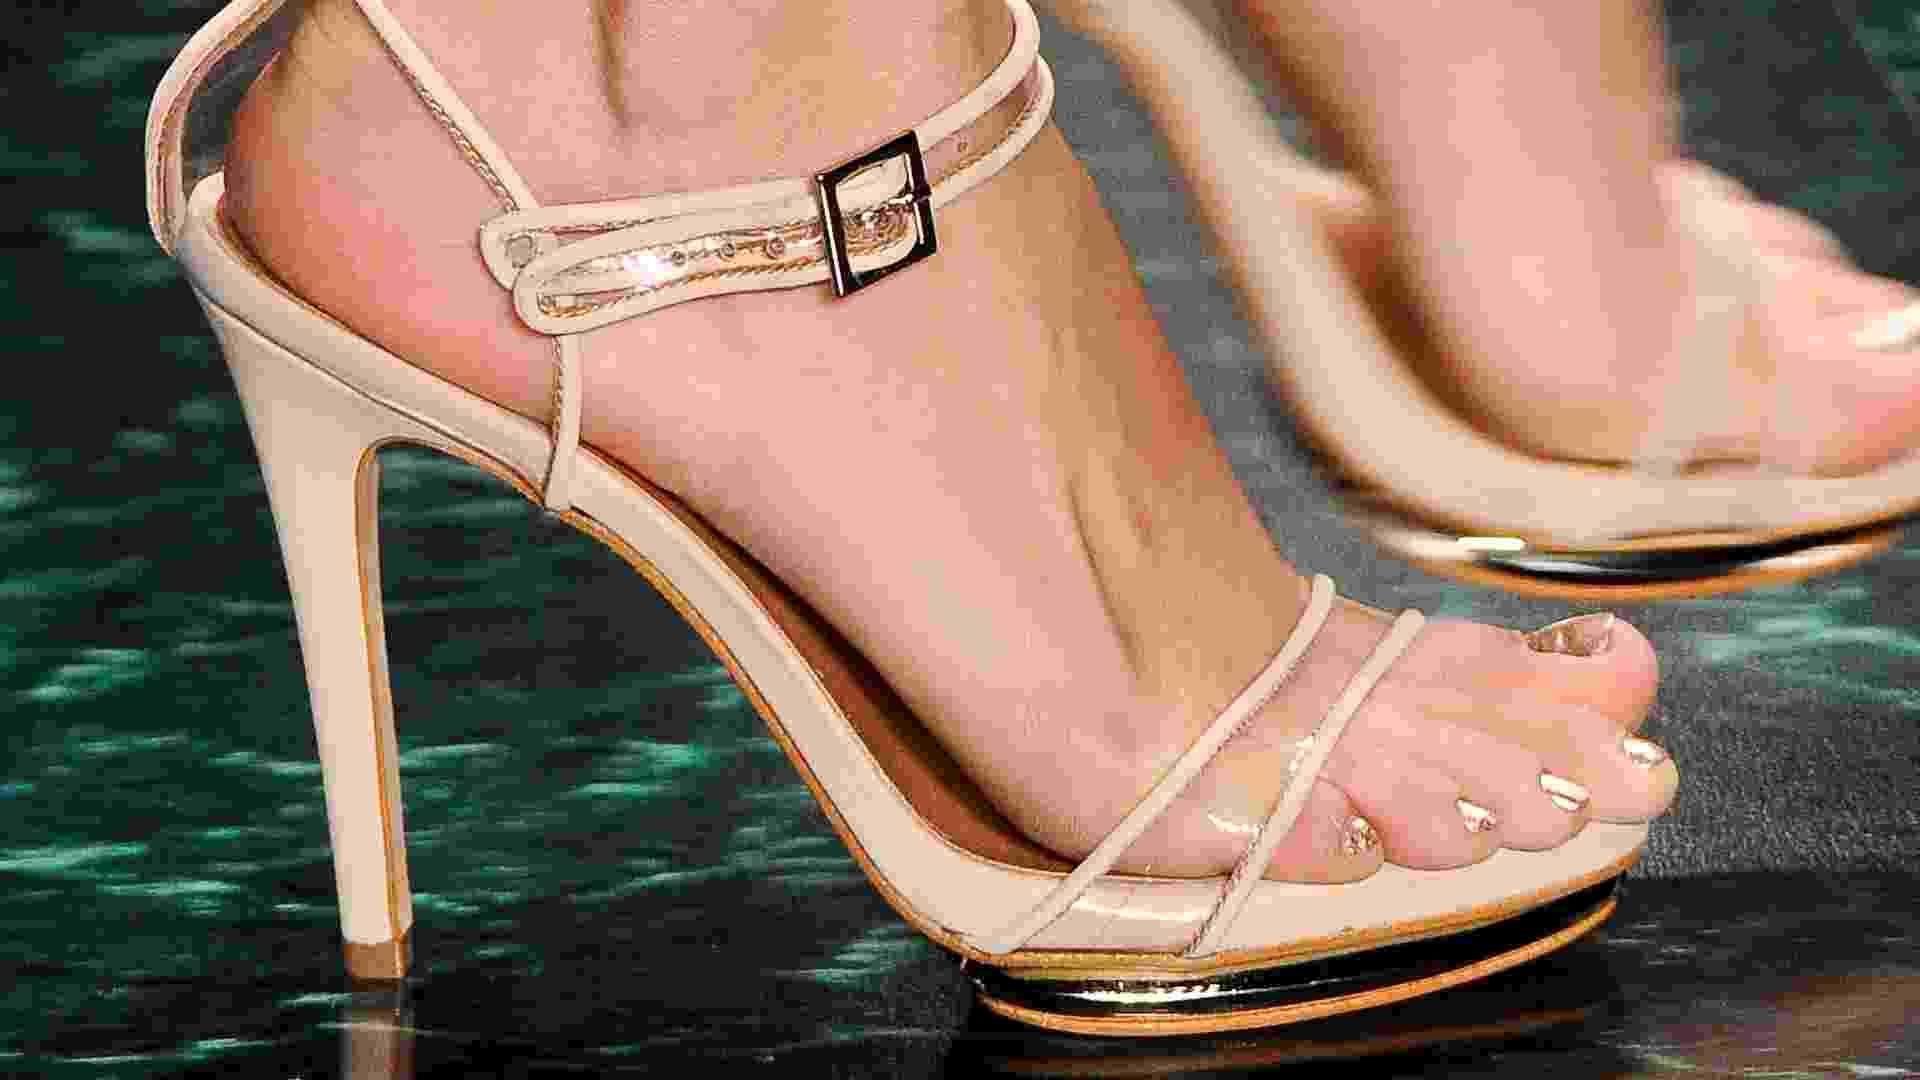 Sapatos SPFW Verão 2014 Água de Coco - Vicenza - Fotosite